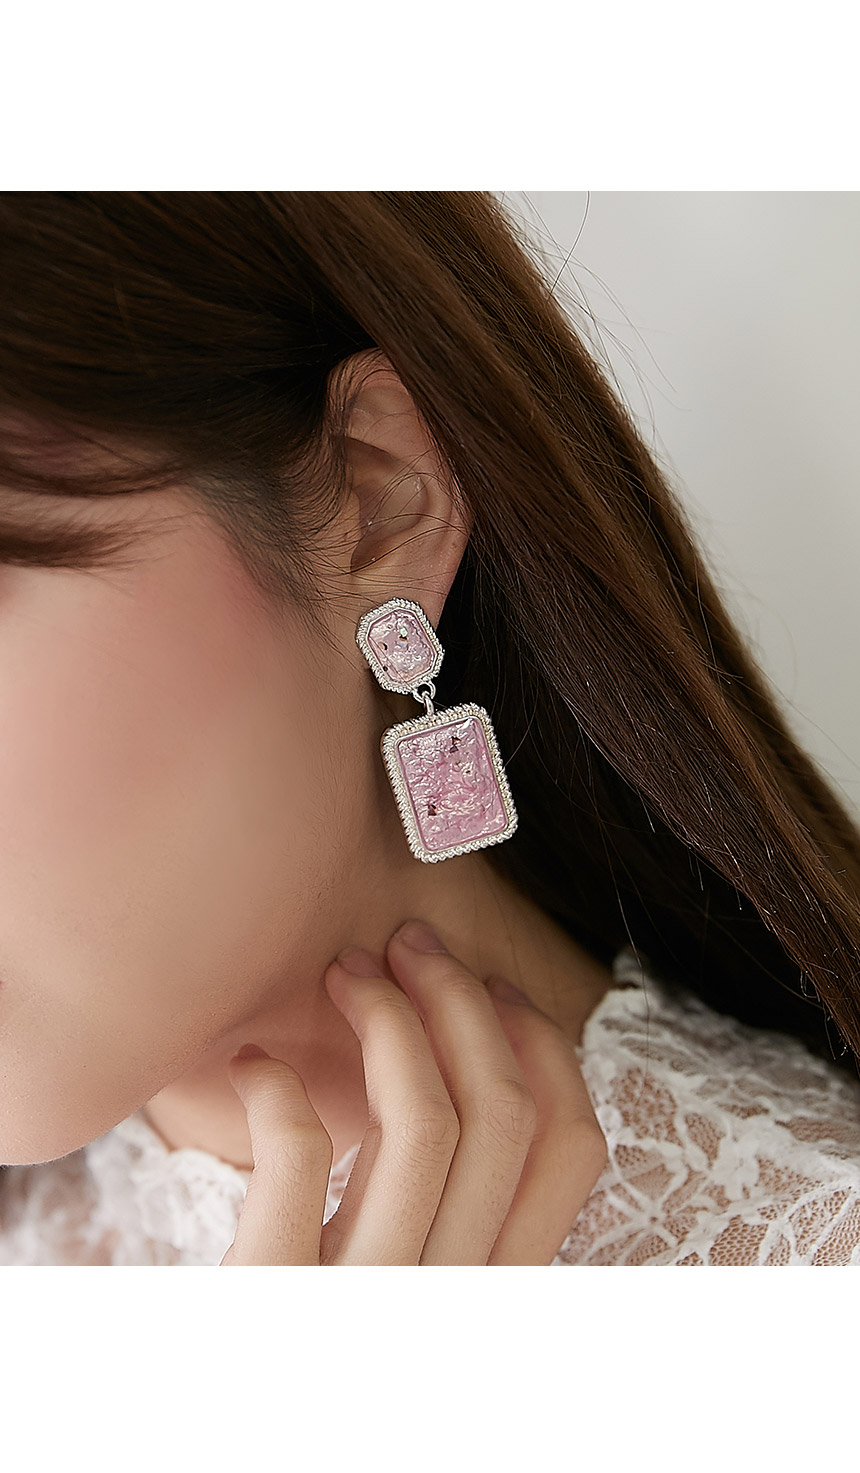 Micro-genuine earrings